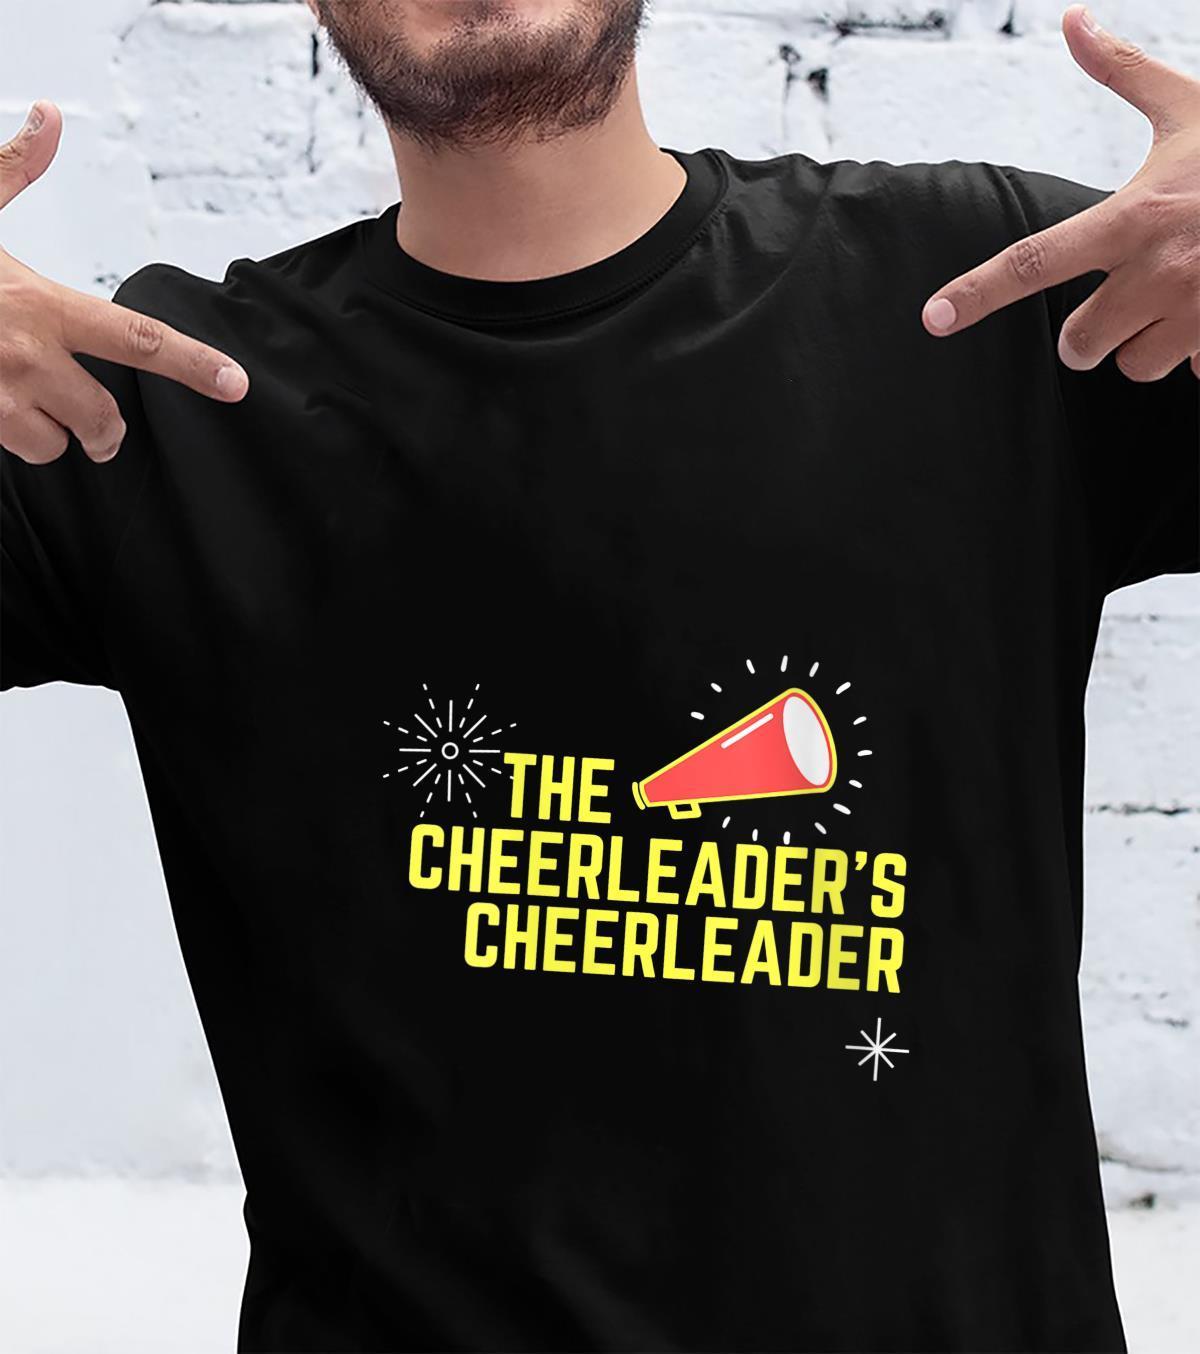 Womens Cheer Mama #CheerMom Cheerleaders Cheerleader Mom Shirt